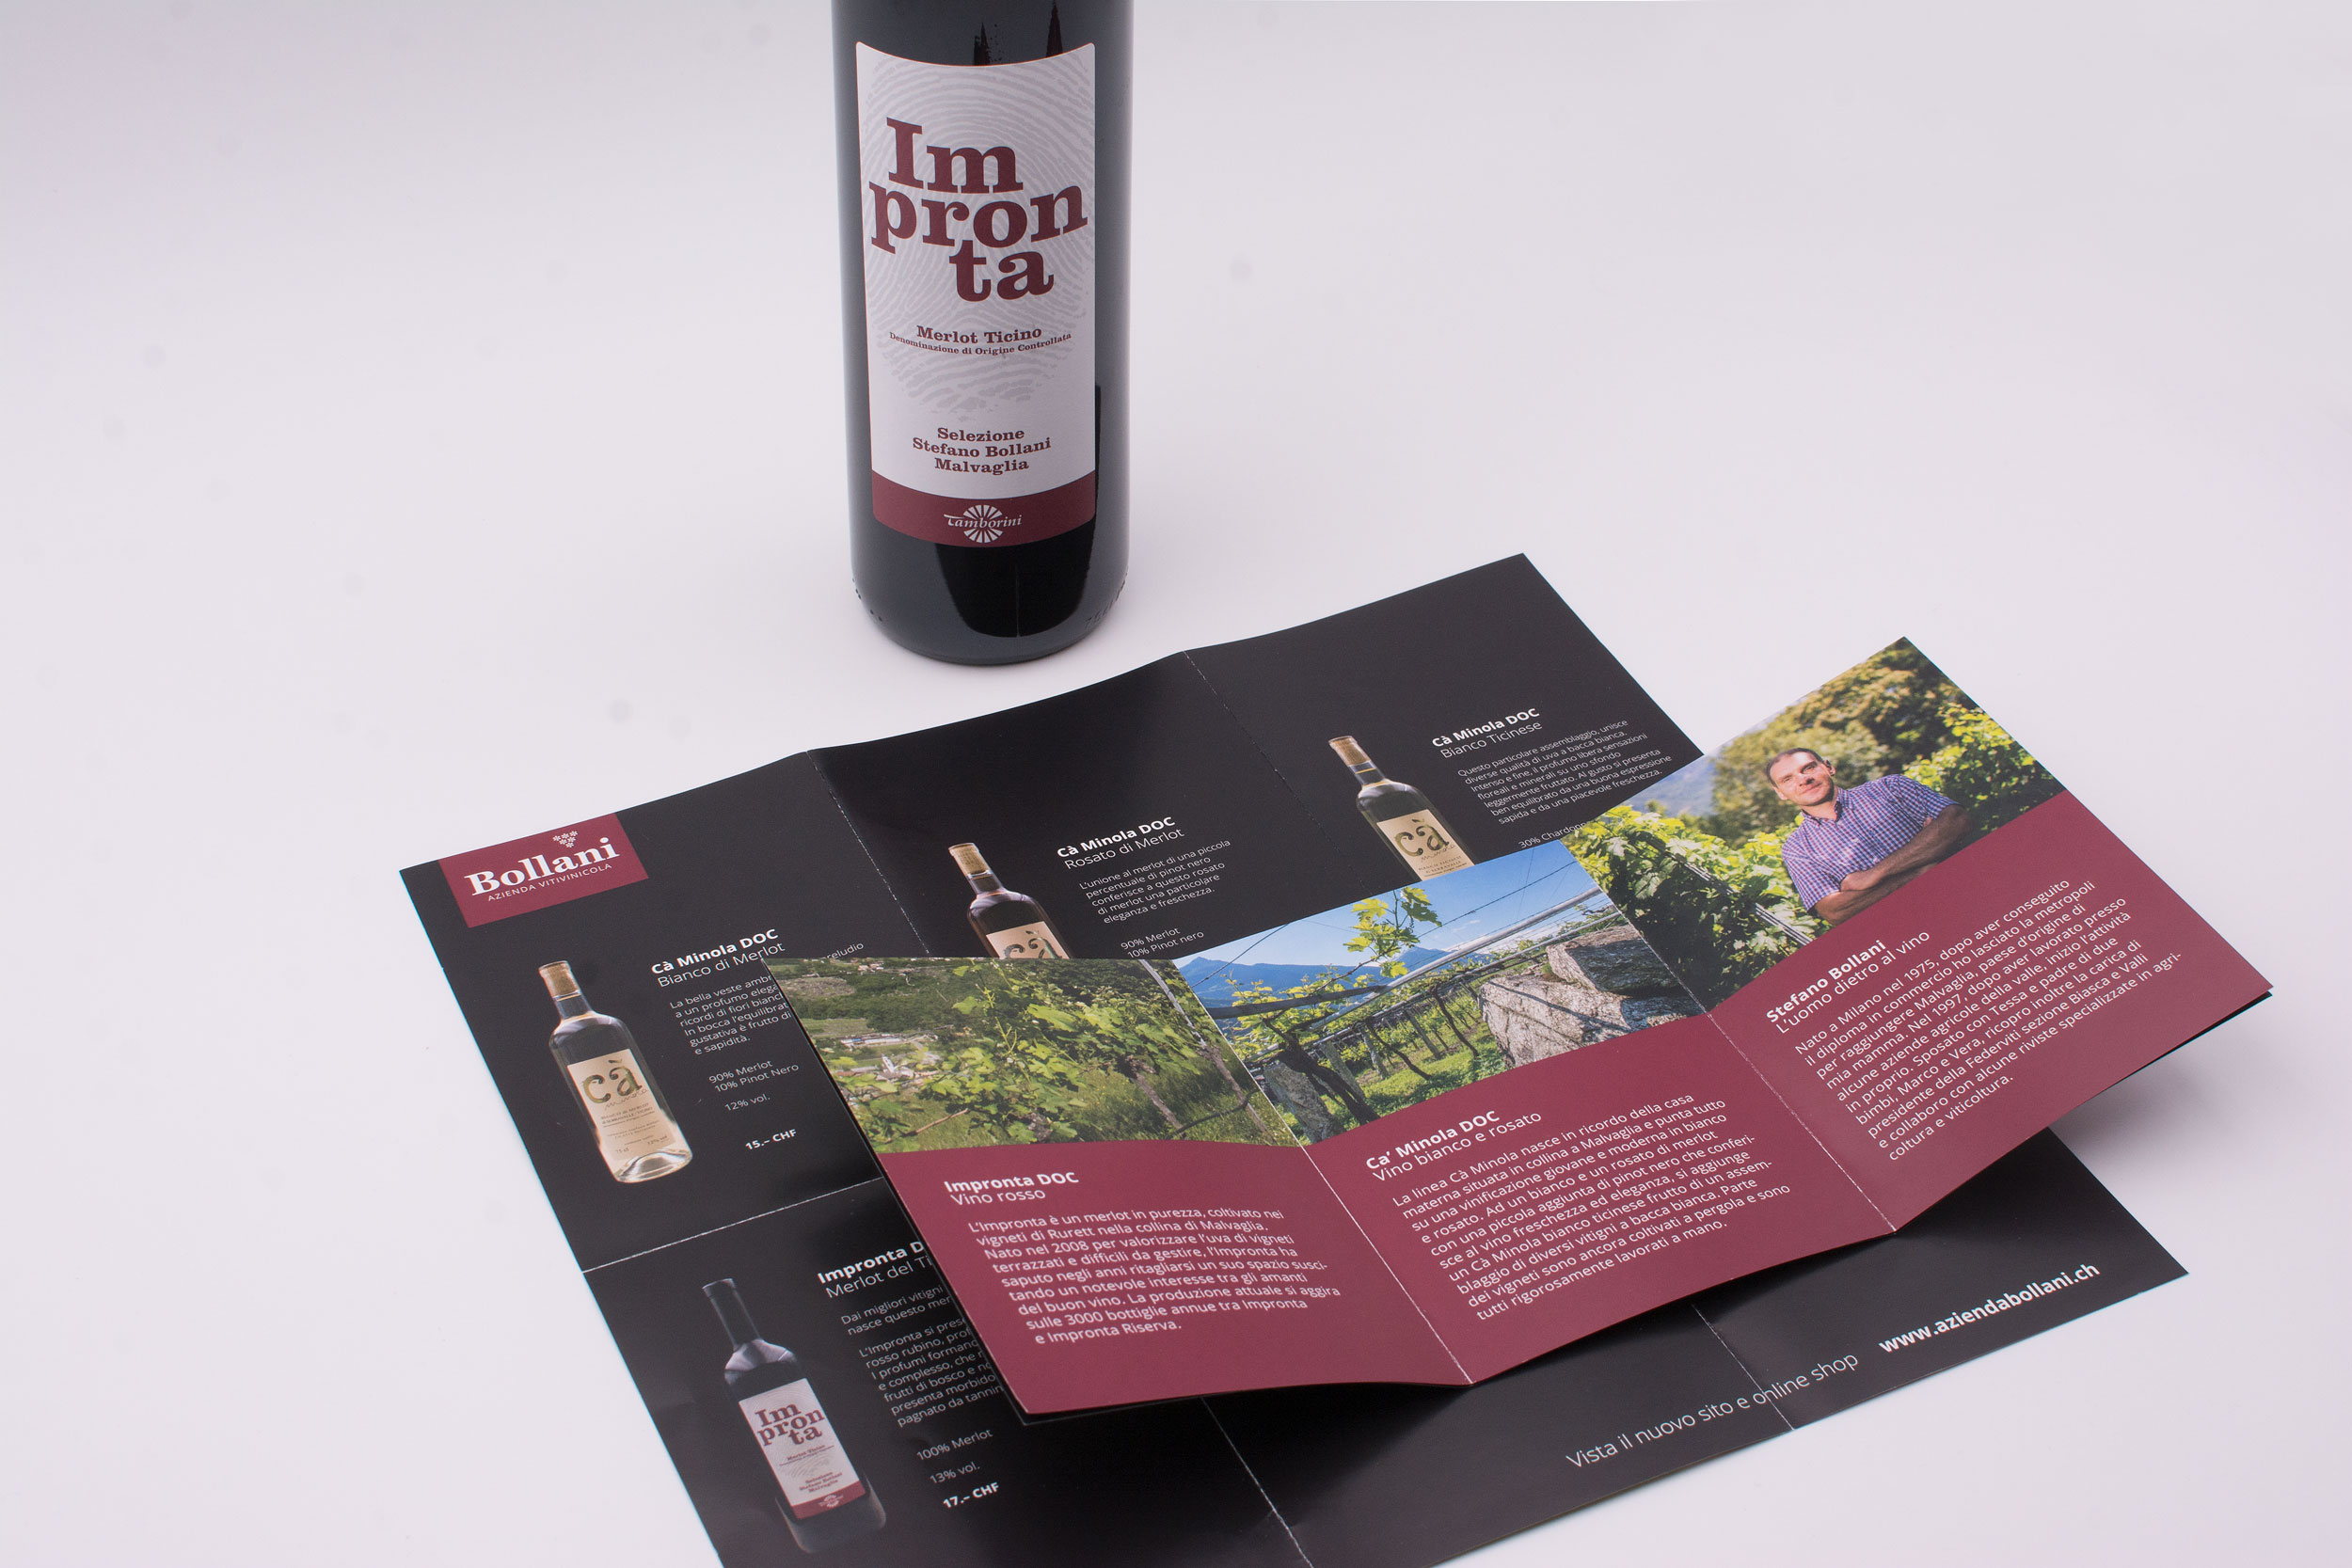 Azienda vitivinicola Bollani